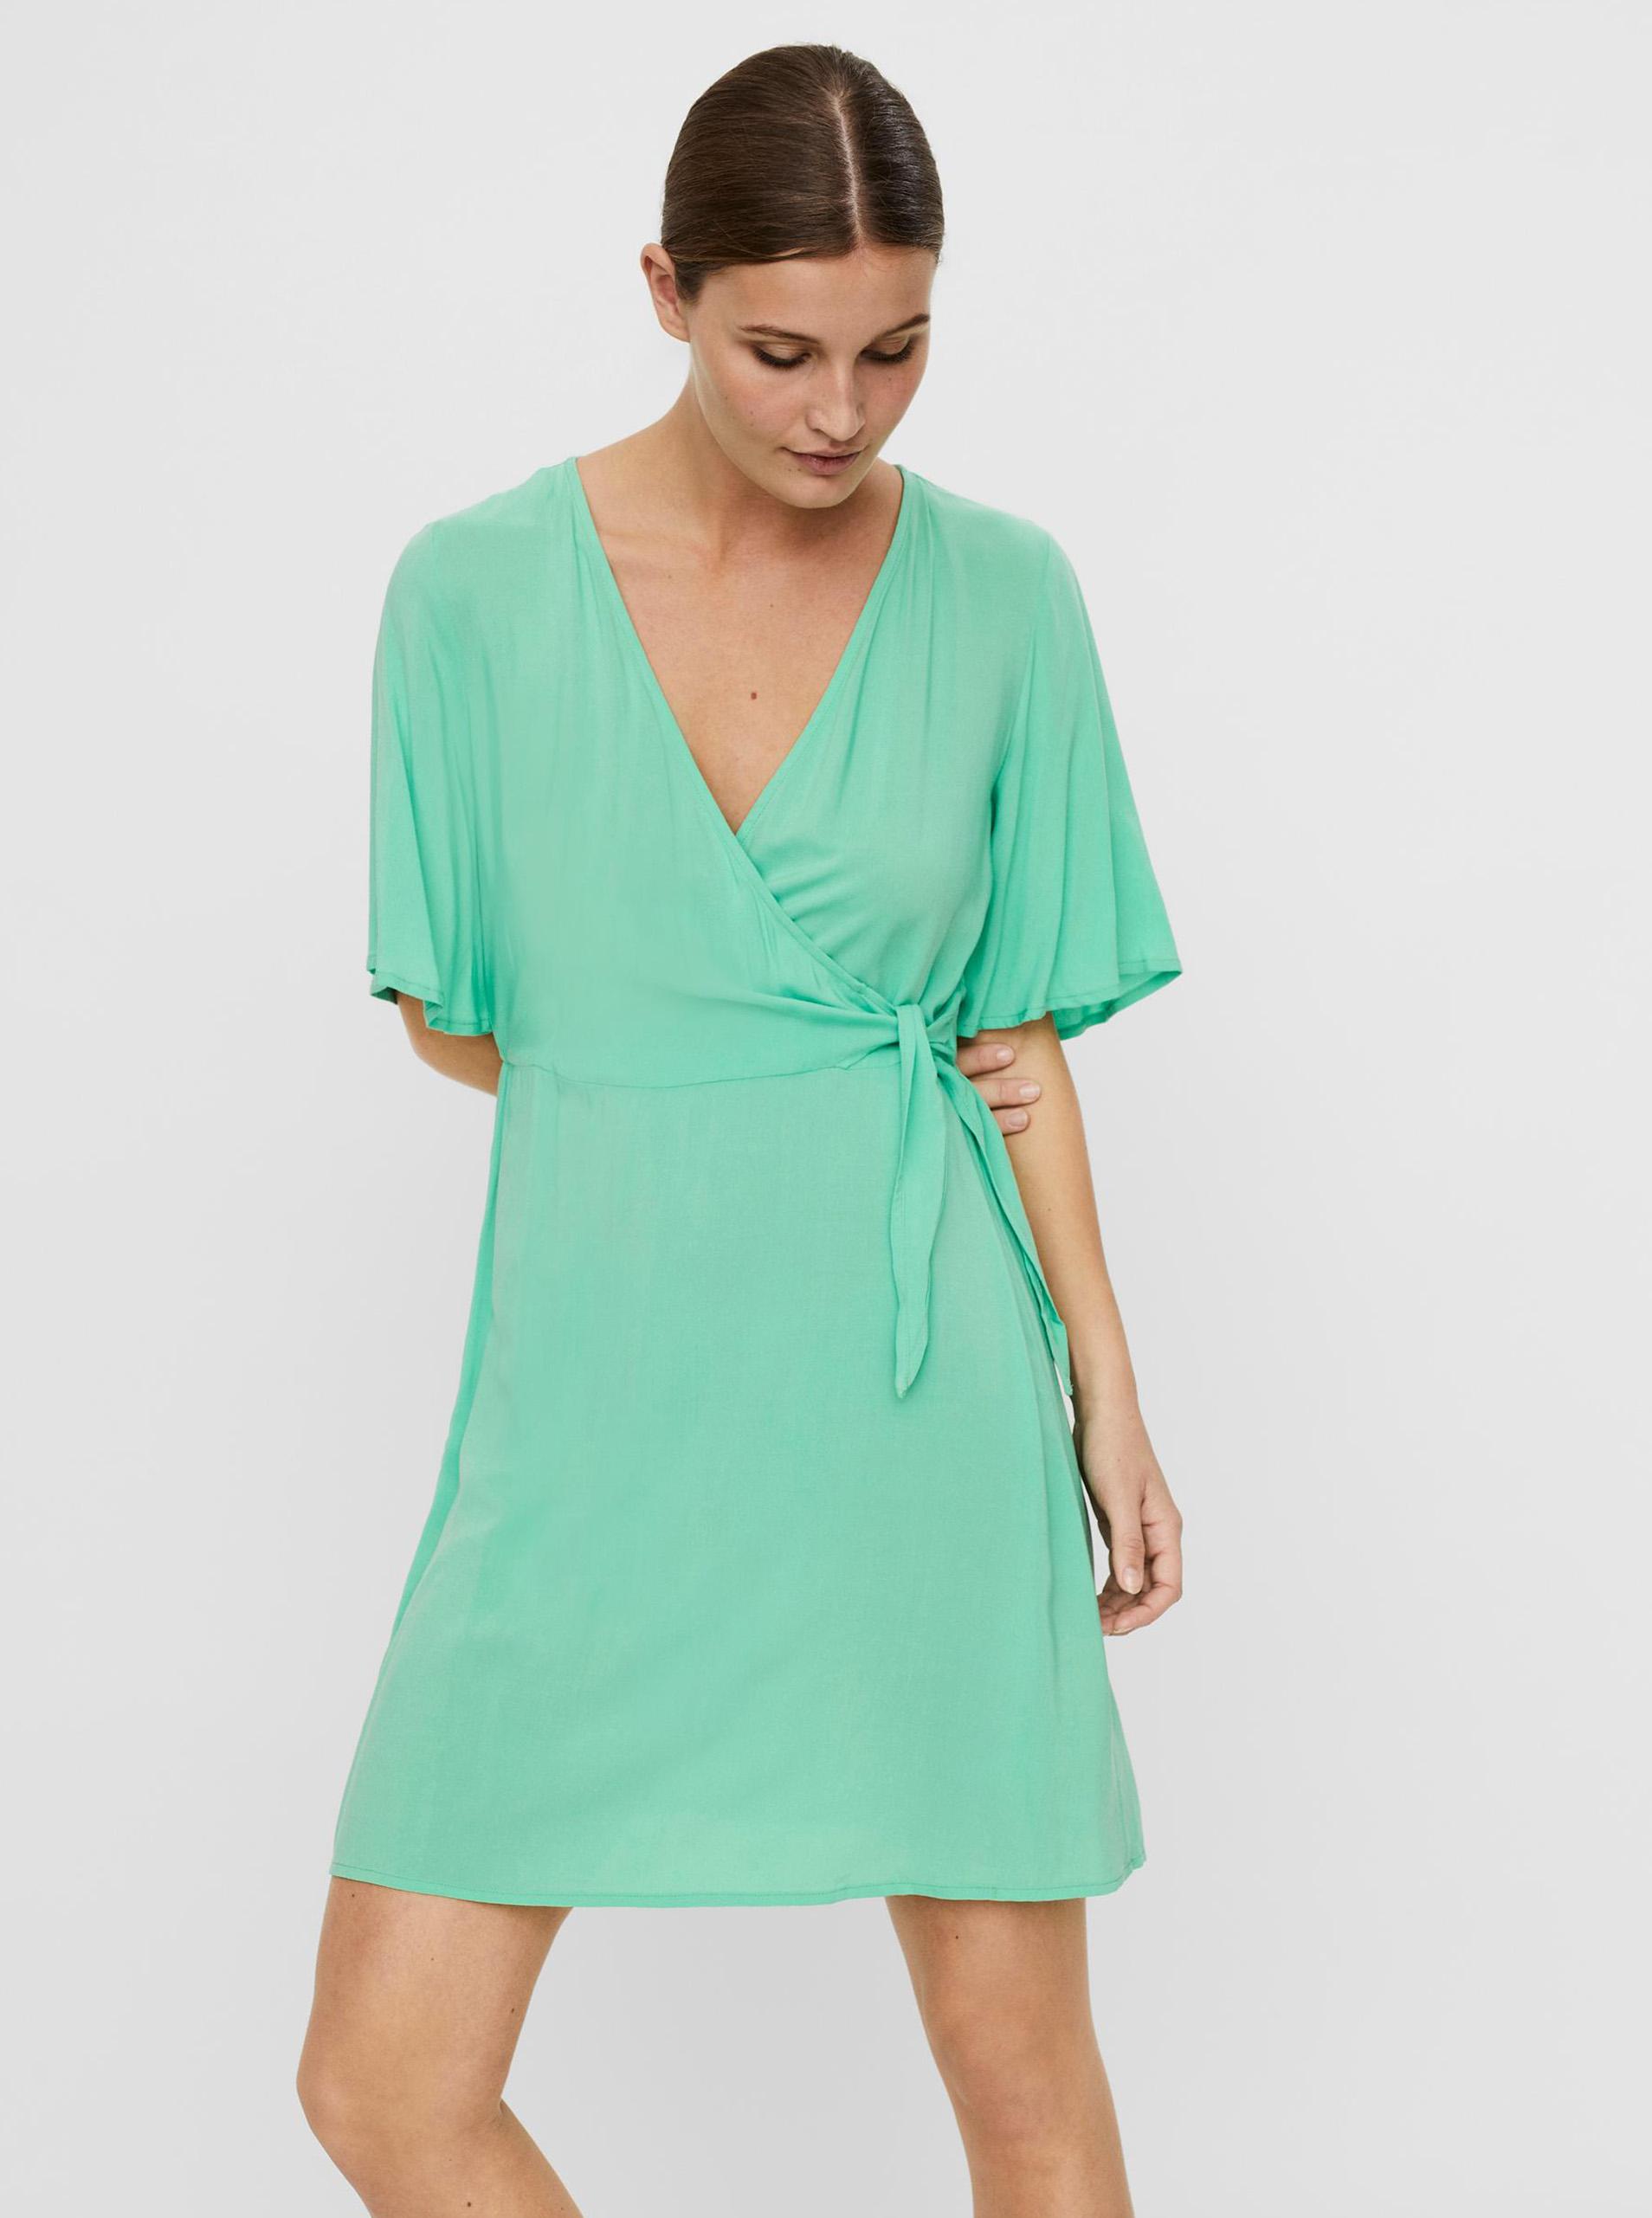 Vero Moda zelené šaty Ibina - L